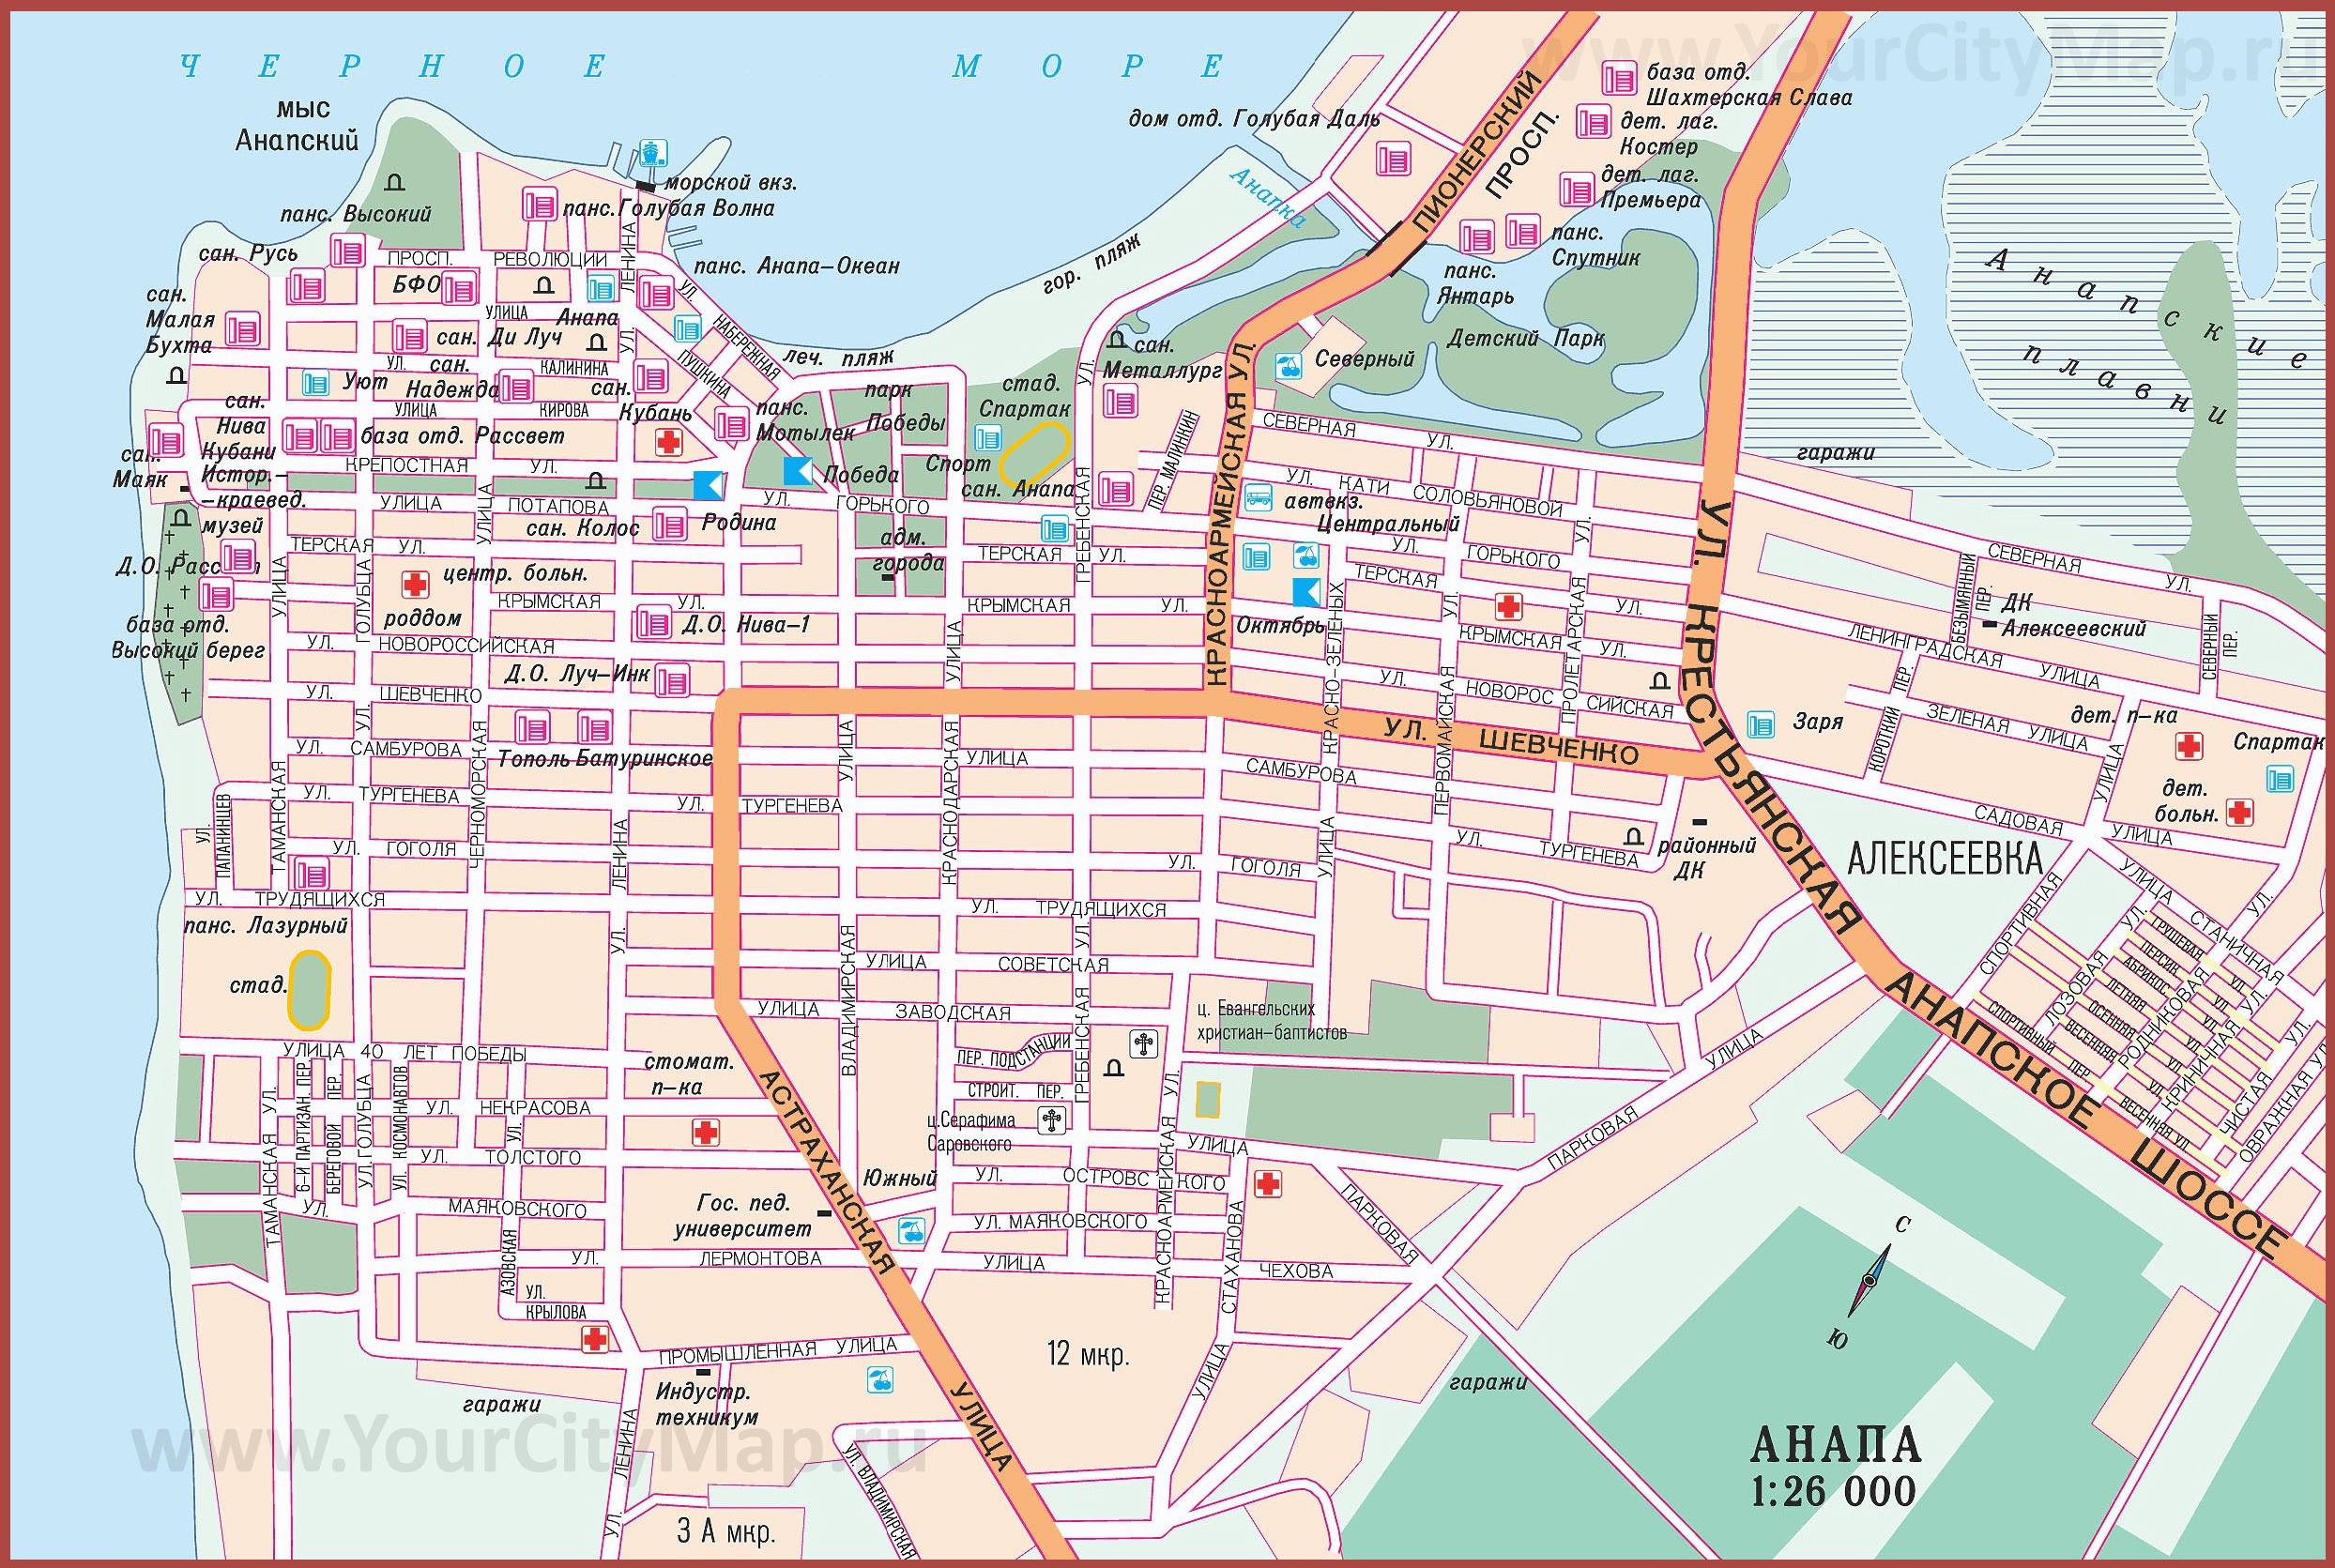 положительную карта с улицами и домами какое время суток